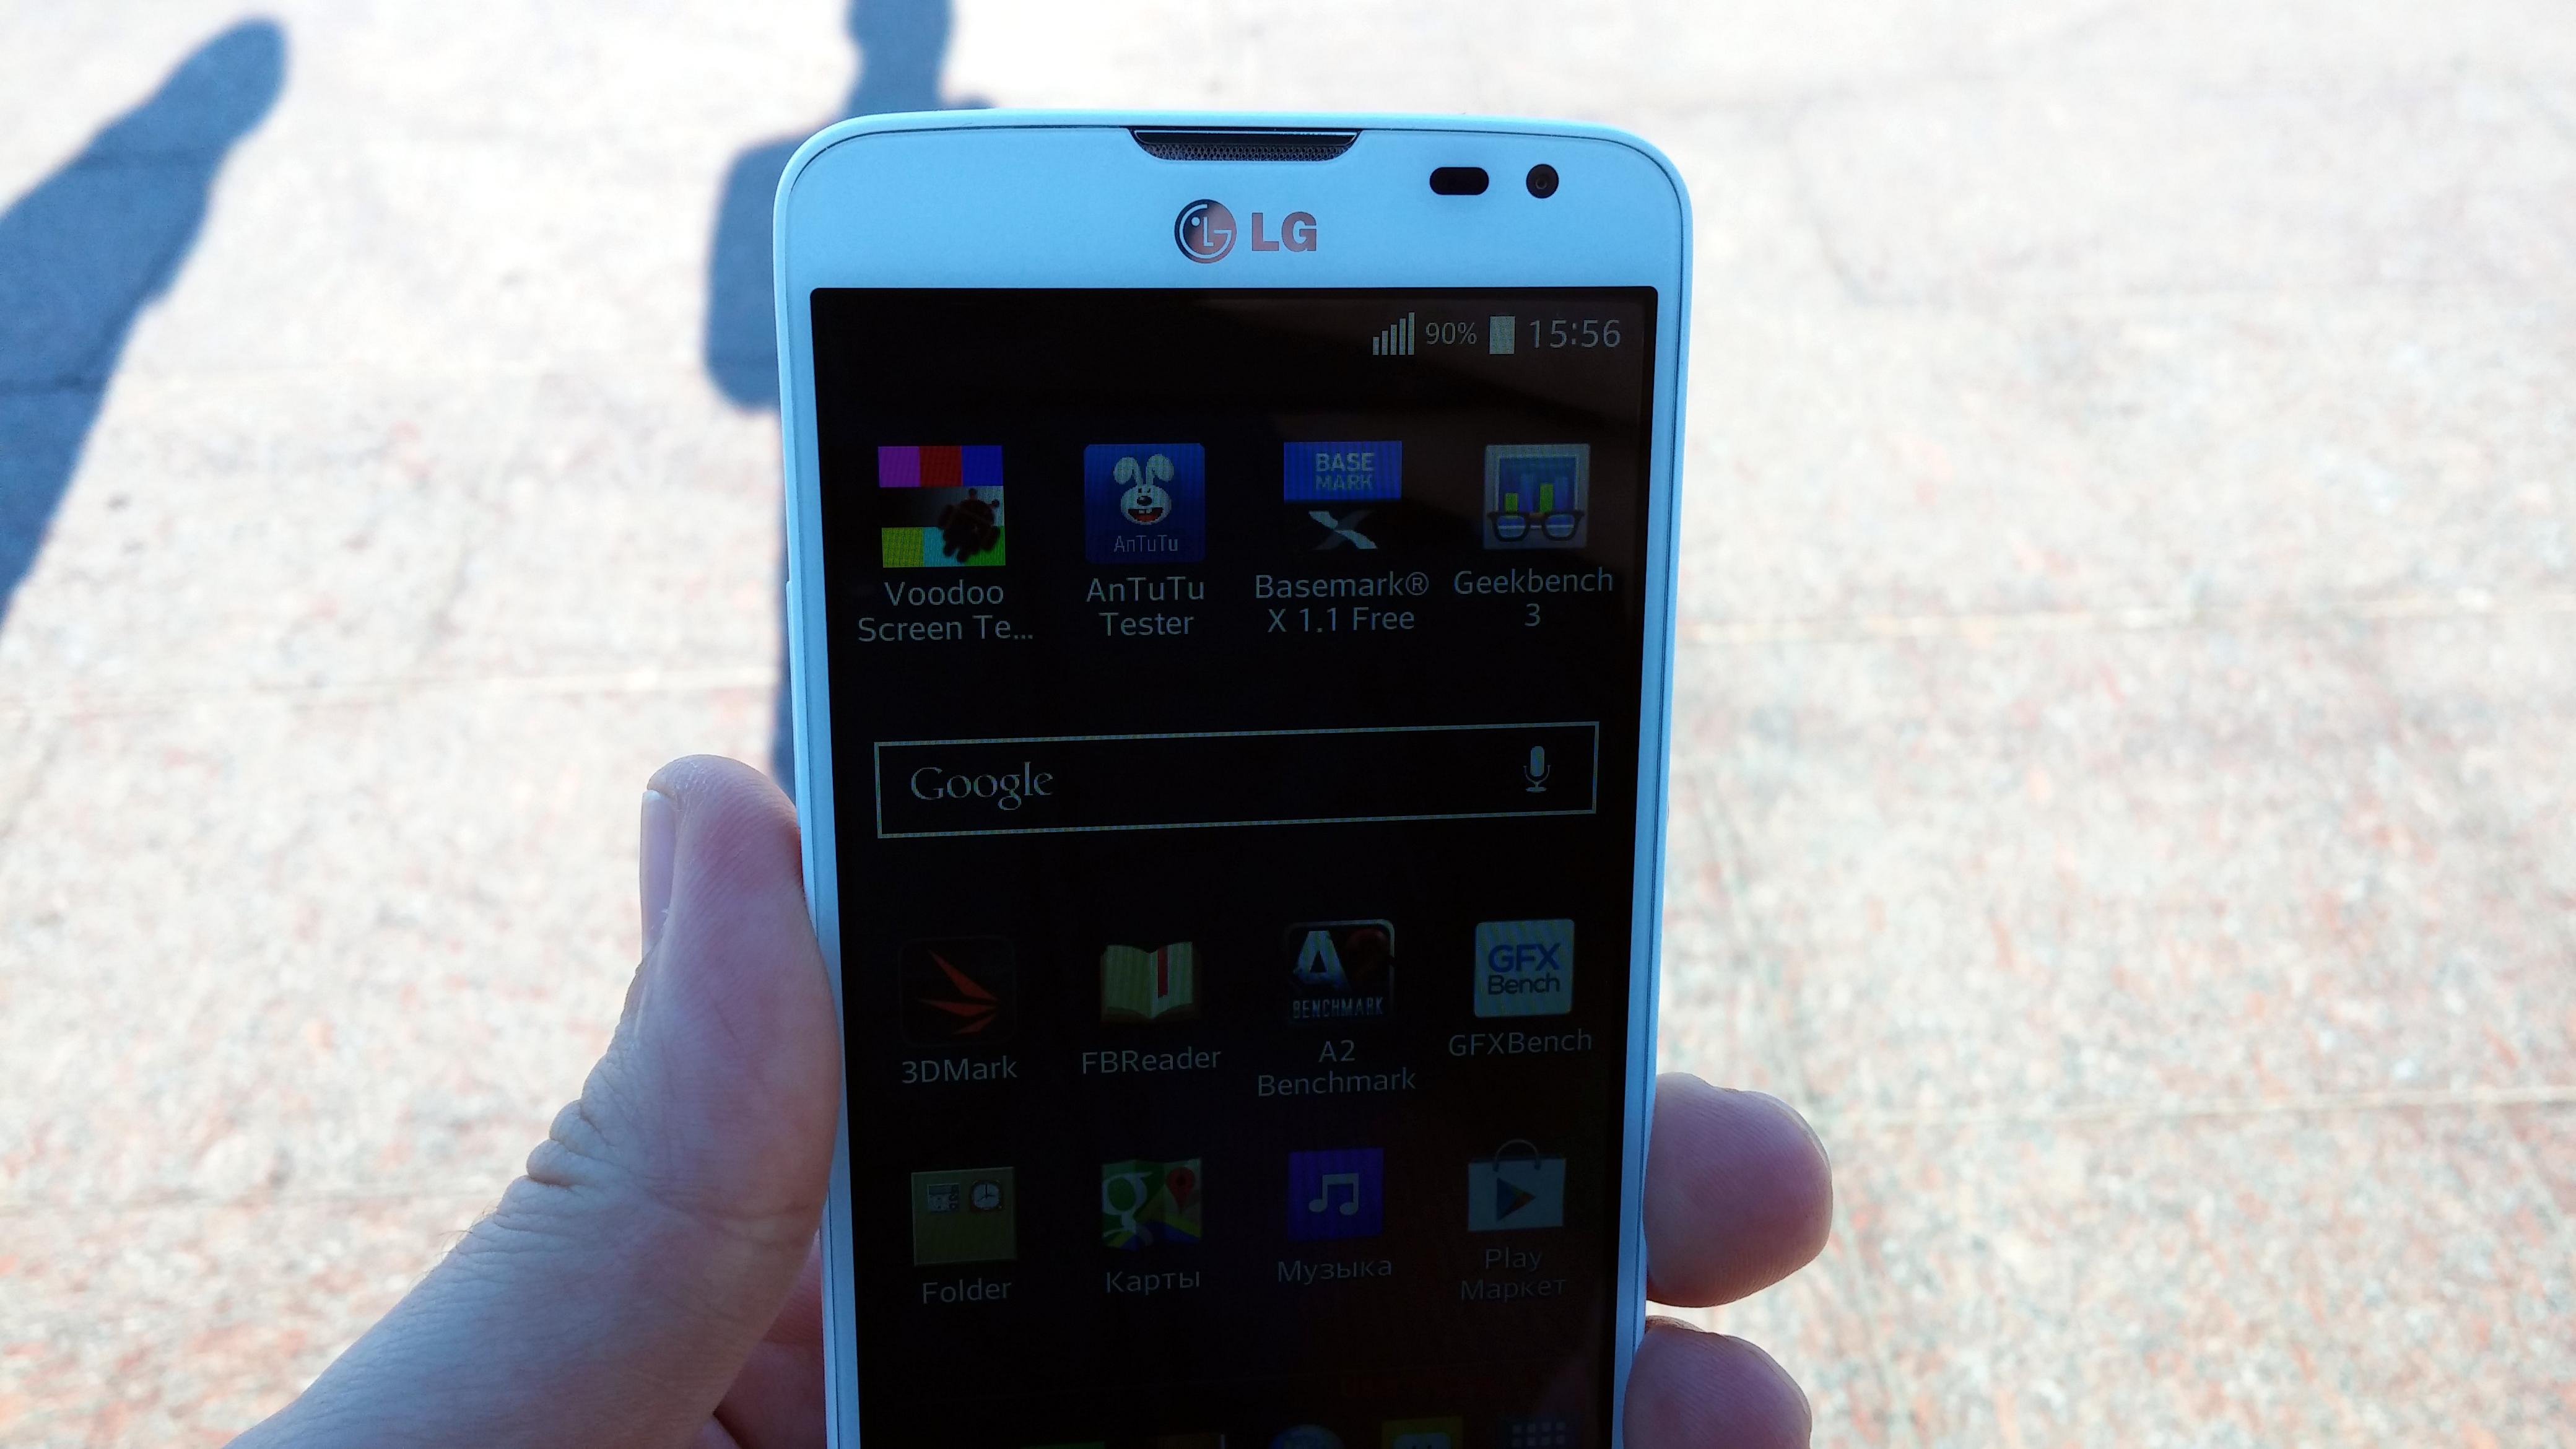 Как сделать фото с экрана в телефоне lg